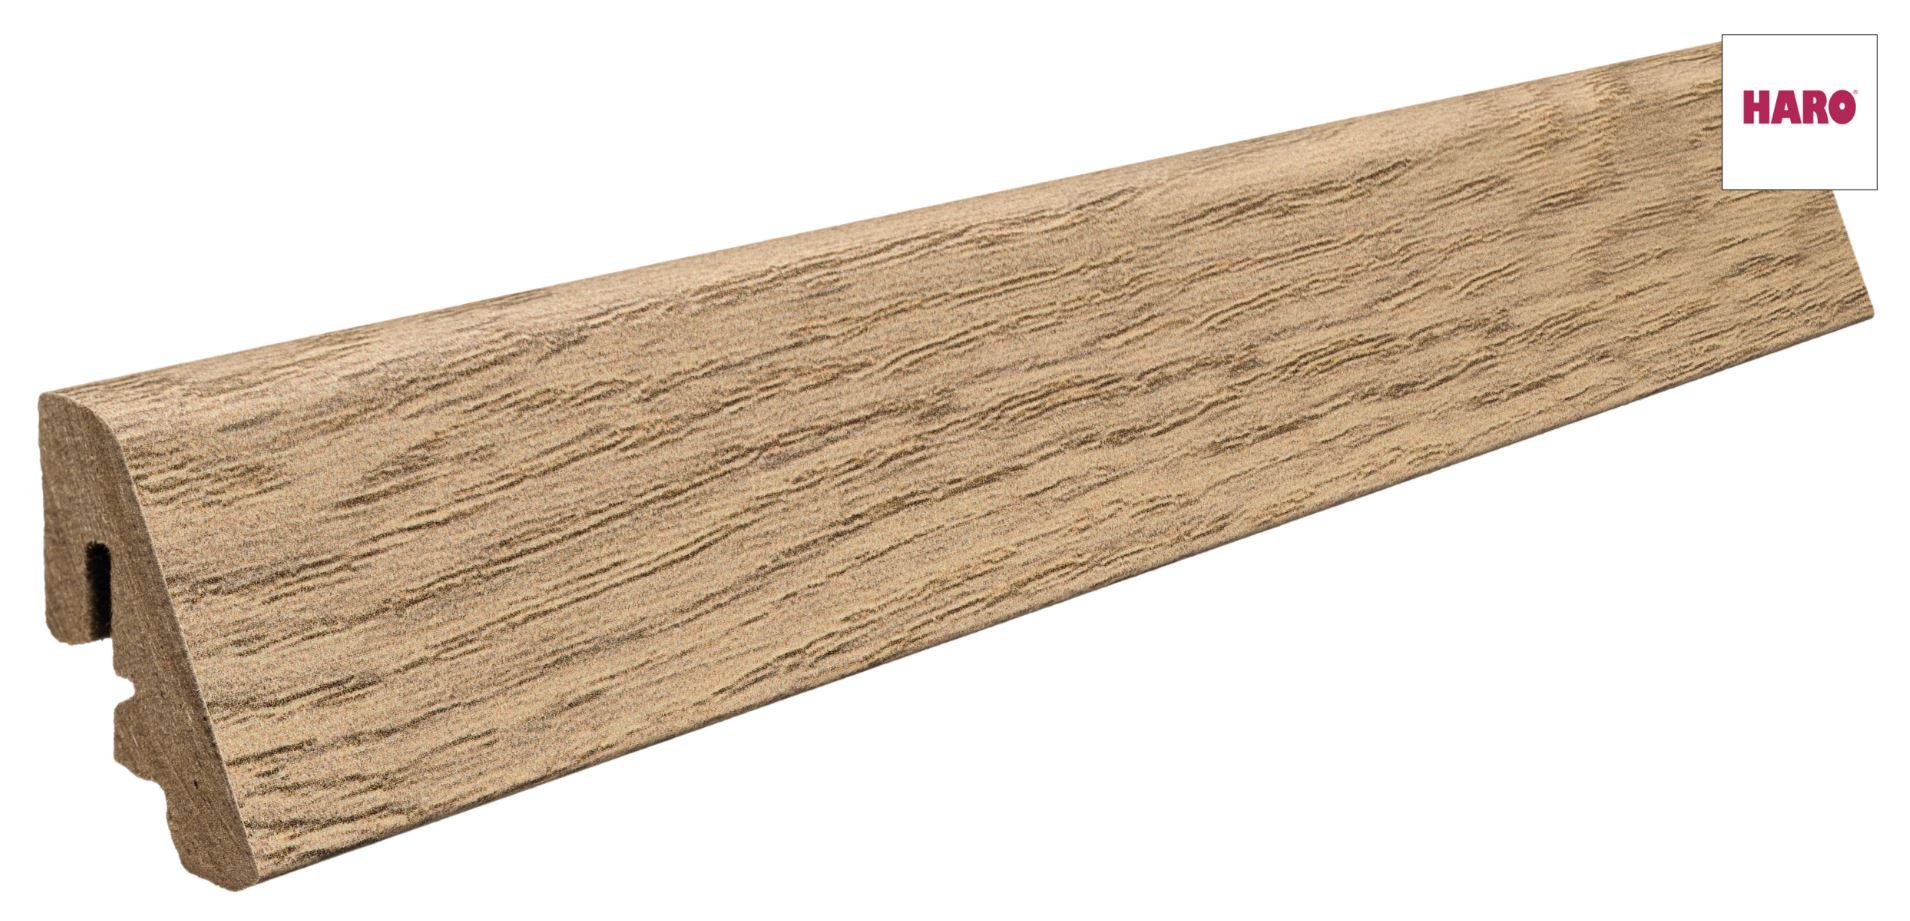 409054 haro fussleiste f r korkboden corkett arteo eiche creme 19 x 39 mm. Black Bedroom Furniture Sets. Home Design Ideas